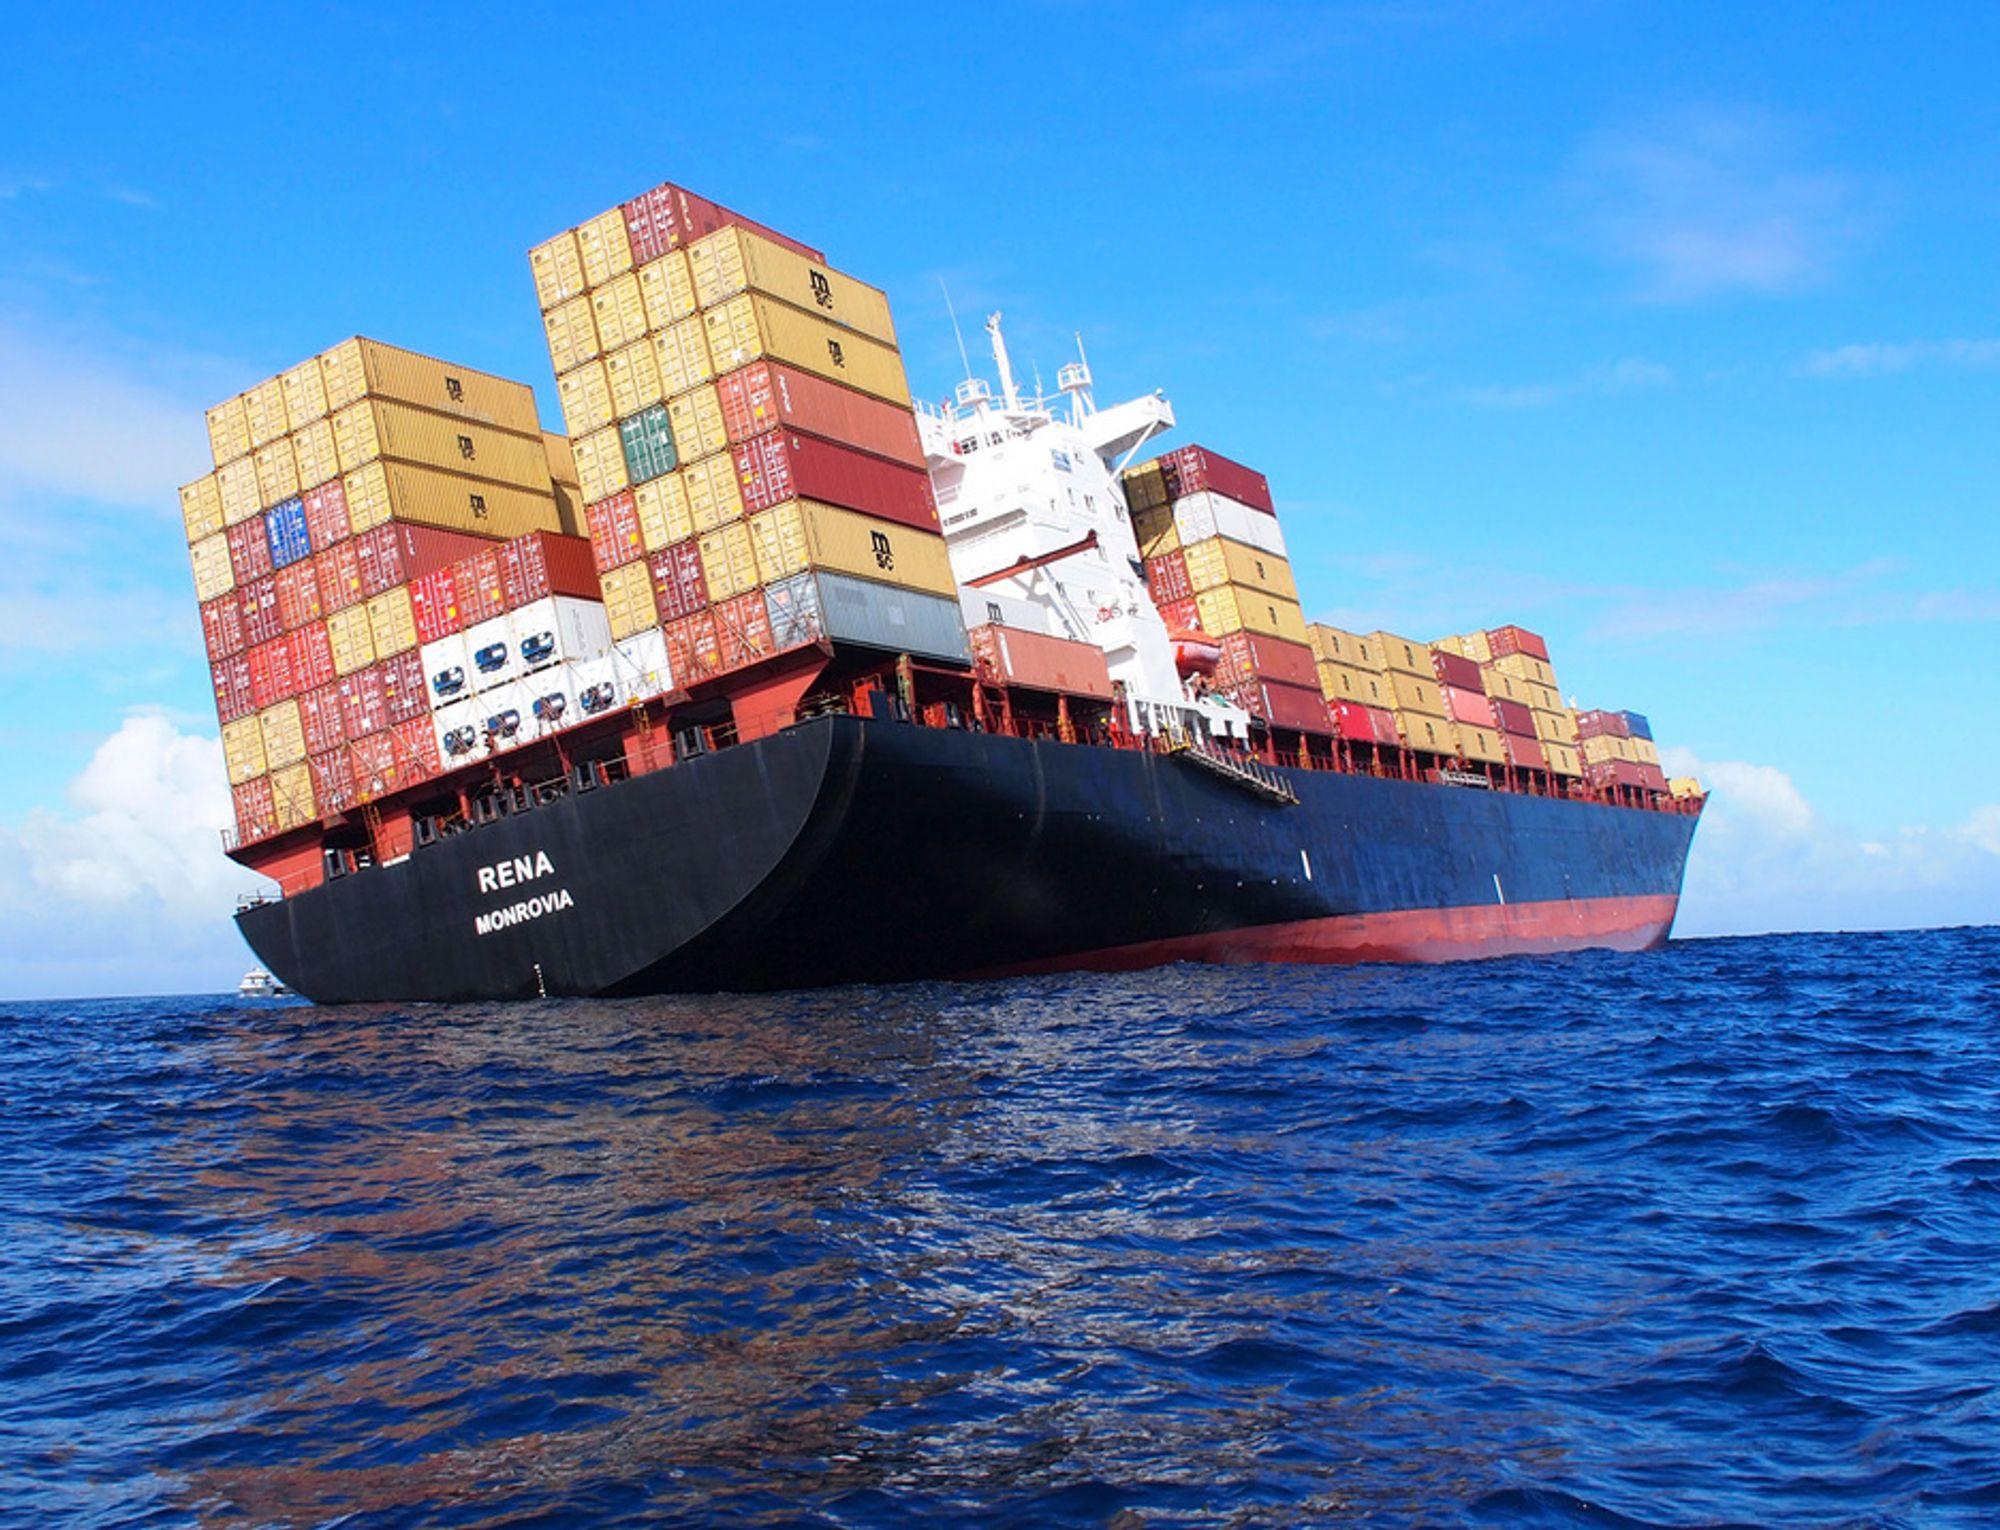 Betydelige mengder olje lekker nå fra det Liberia-registrert skipet Rena, som har gått på et rev utenfor New Zealand.